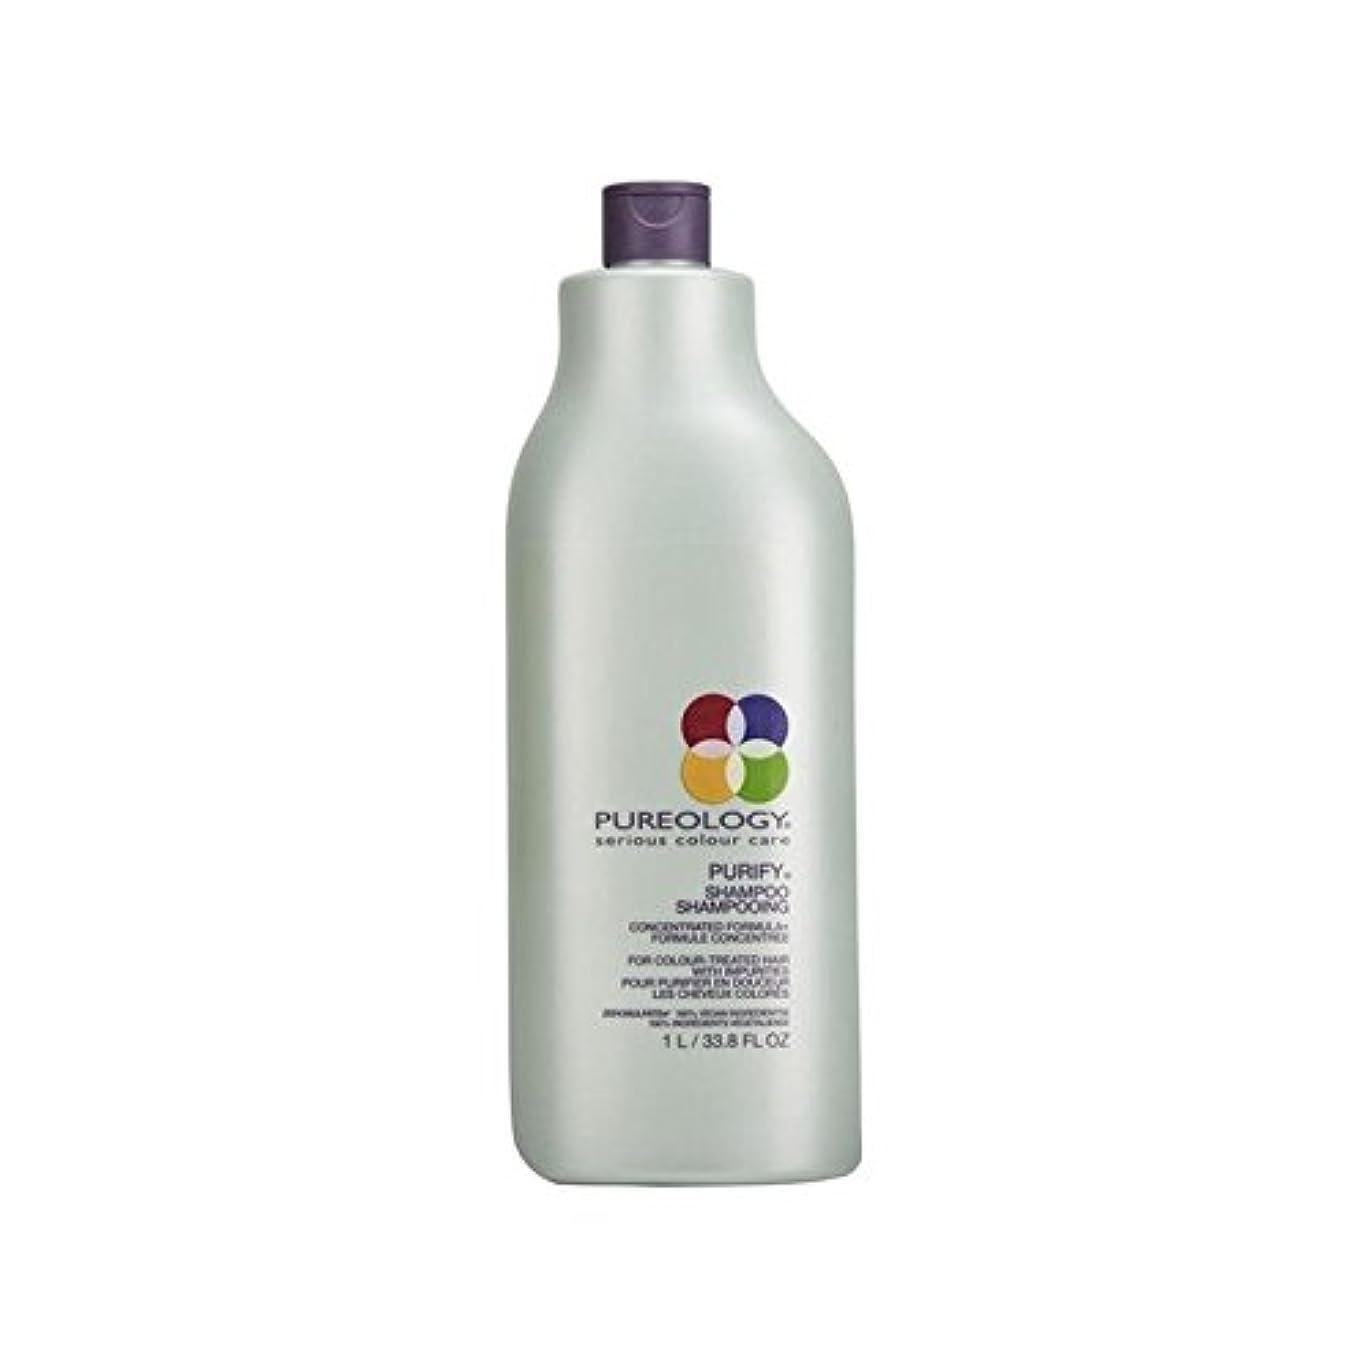 お願いしますサスティーン静めるののシャンプー(千ミリリットル) x4 - Pureology Purify Shampoo (1000ml) (Pack of 4) [並行輸入品]